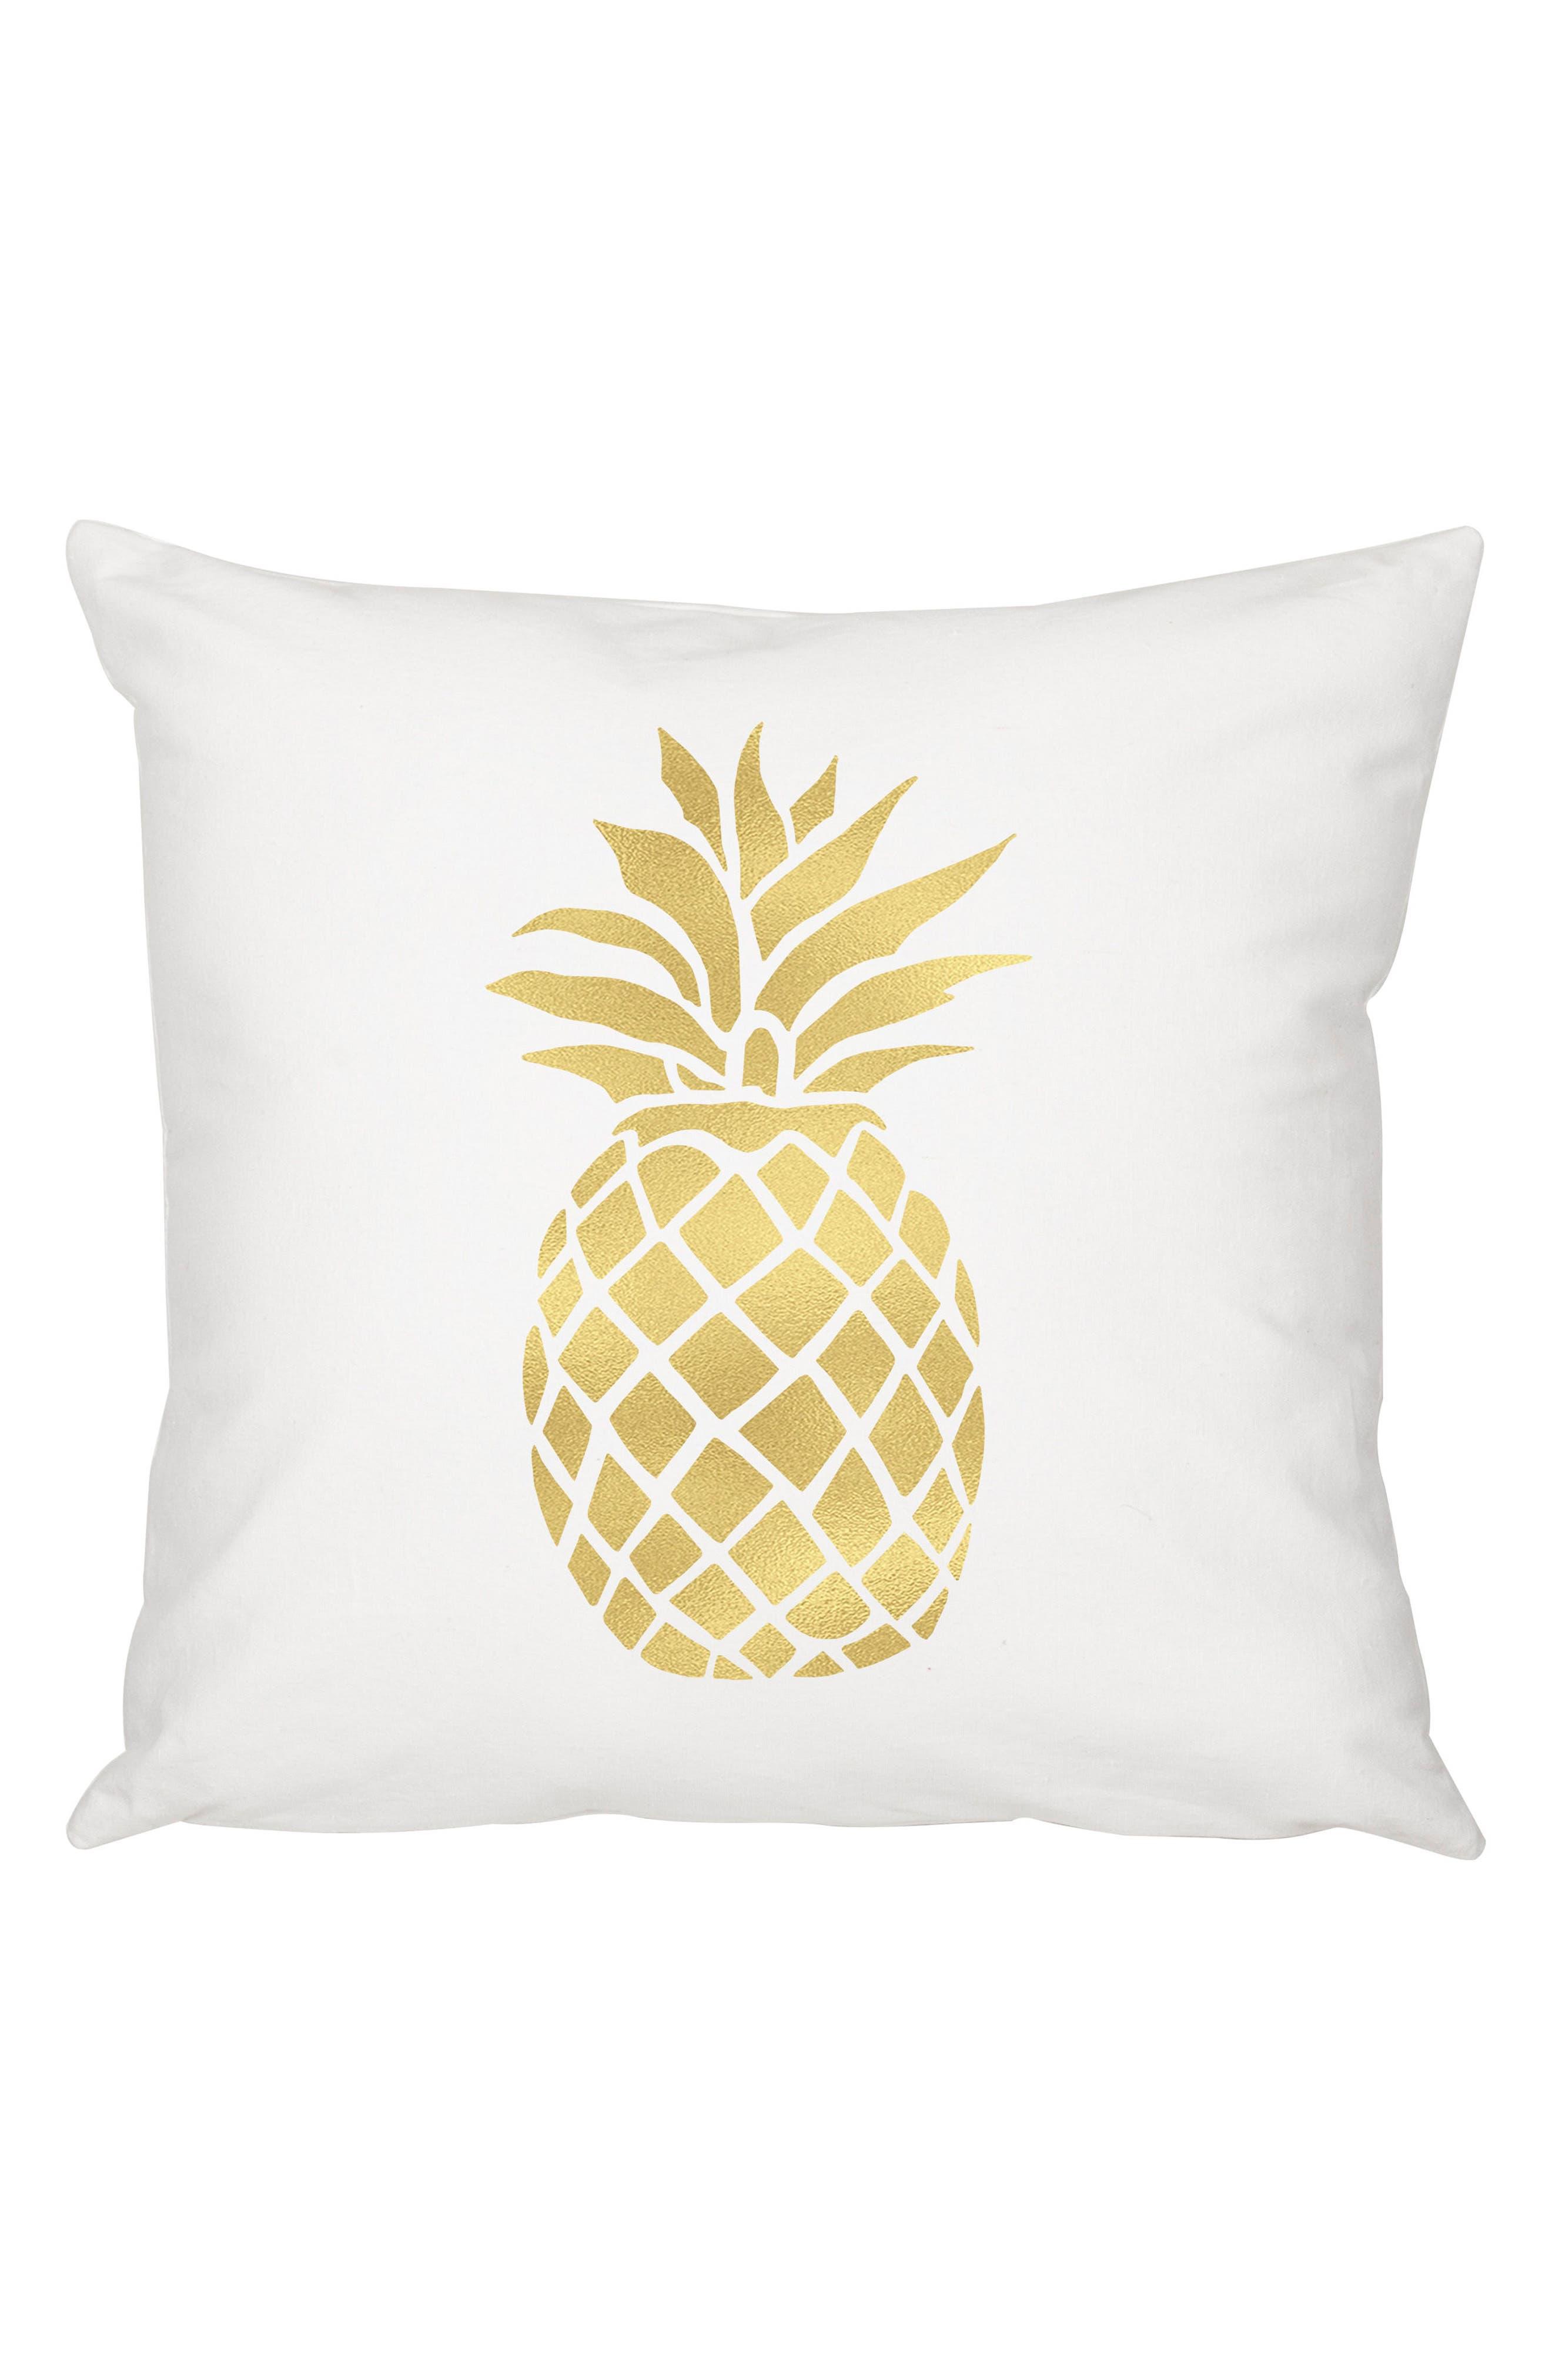 Decorative Pillows & Poufs Bedrooms